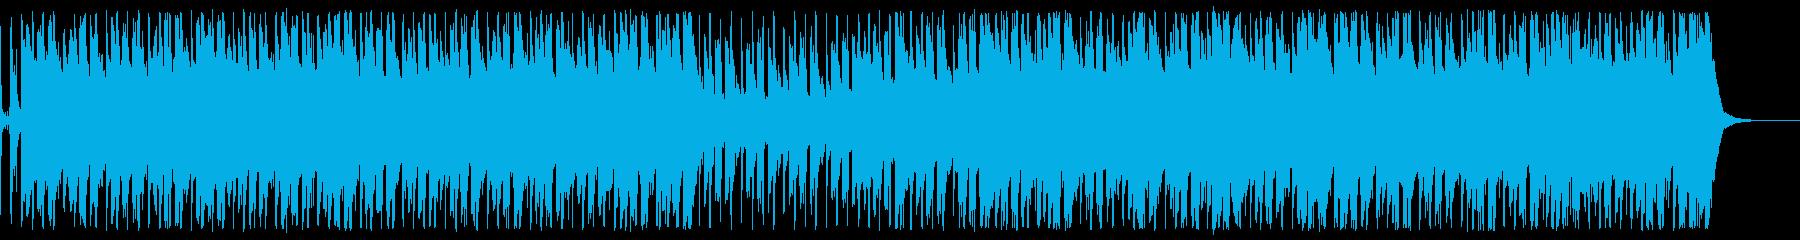 エレキギター 創造未来明るいコーポレートの再生済みの波形